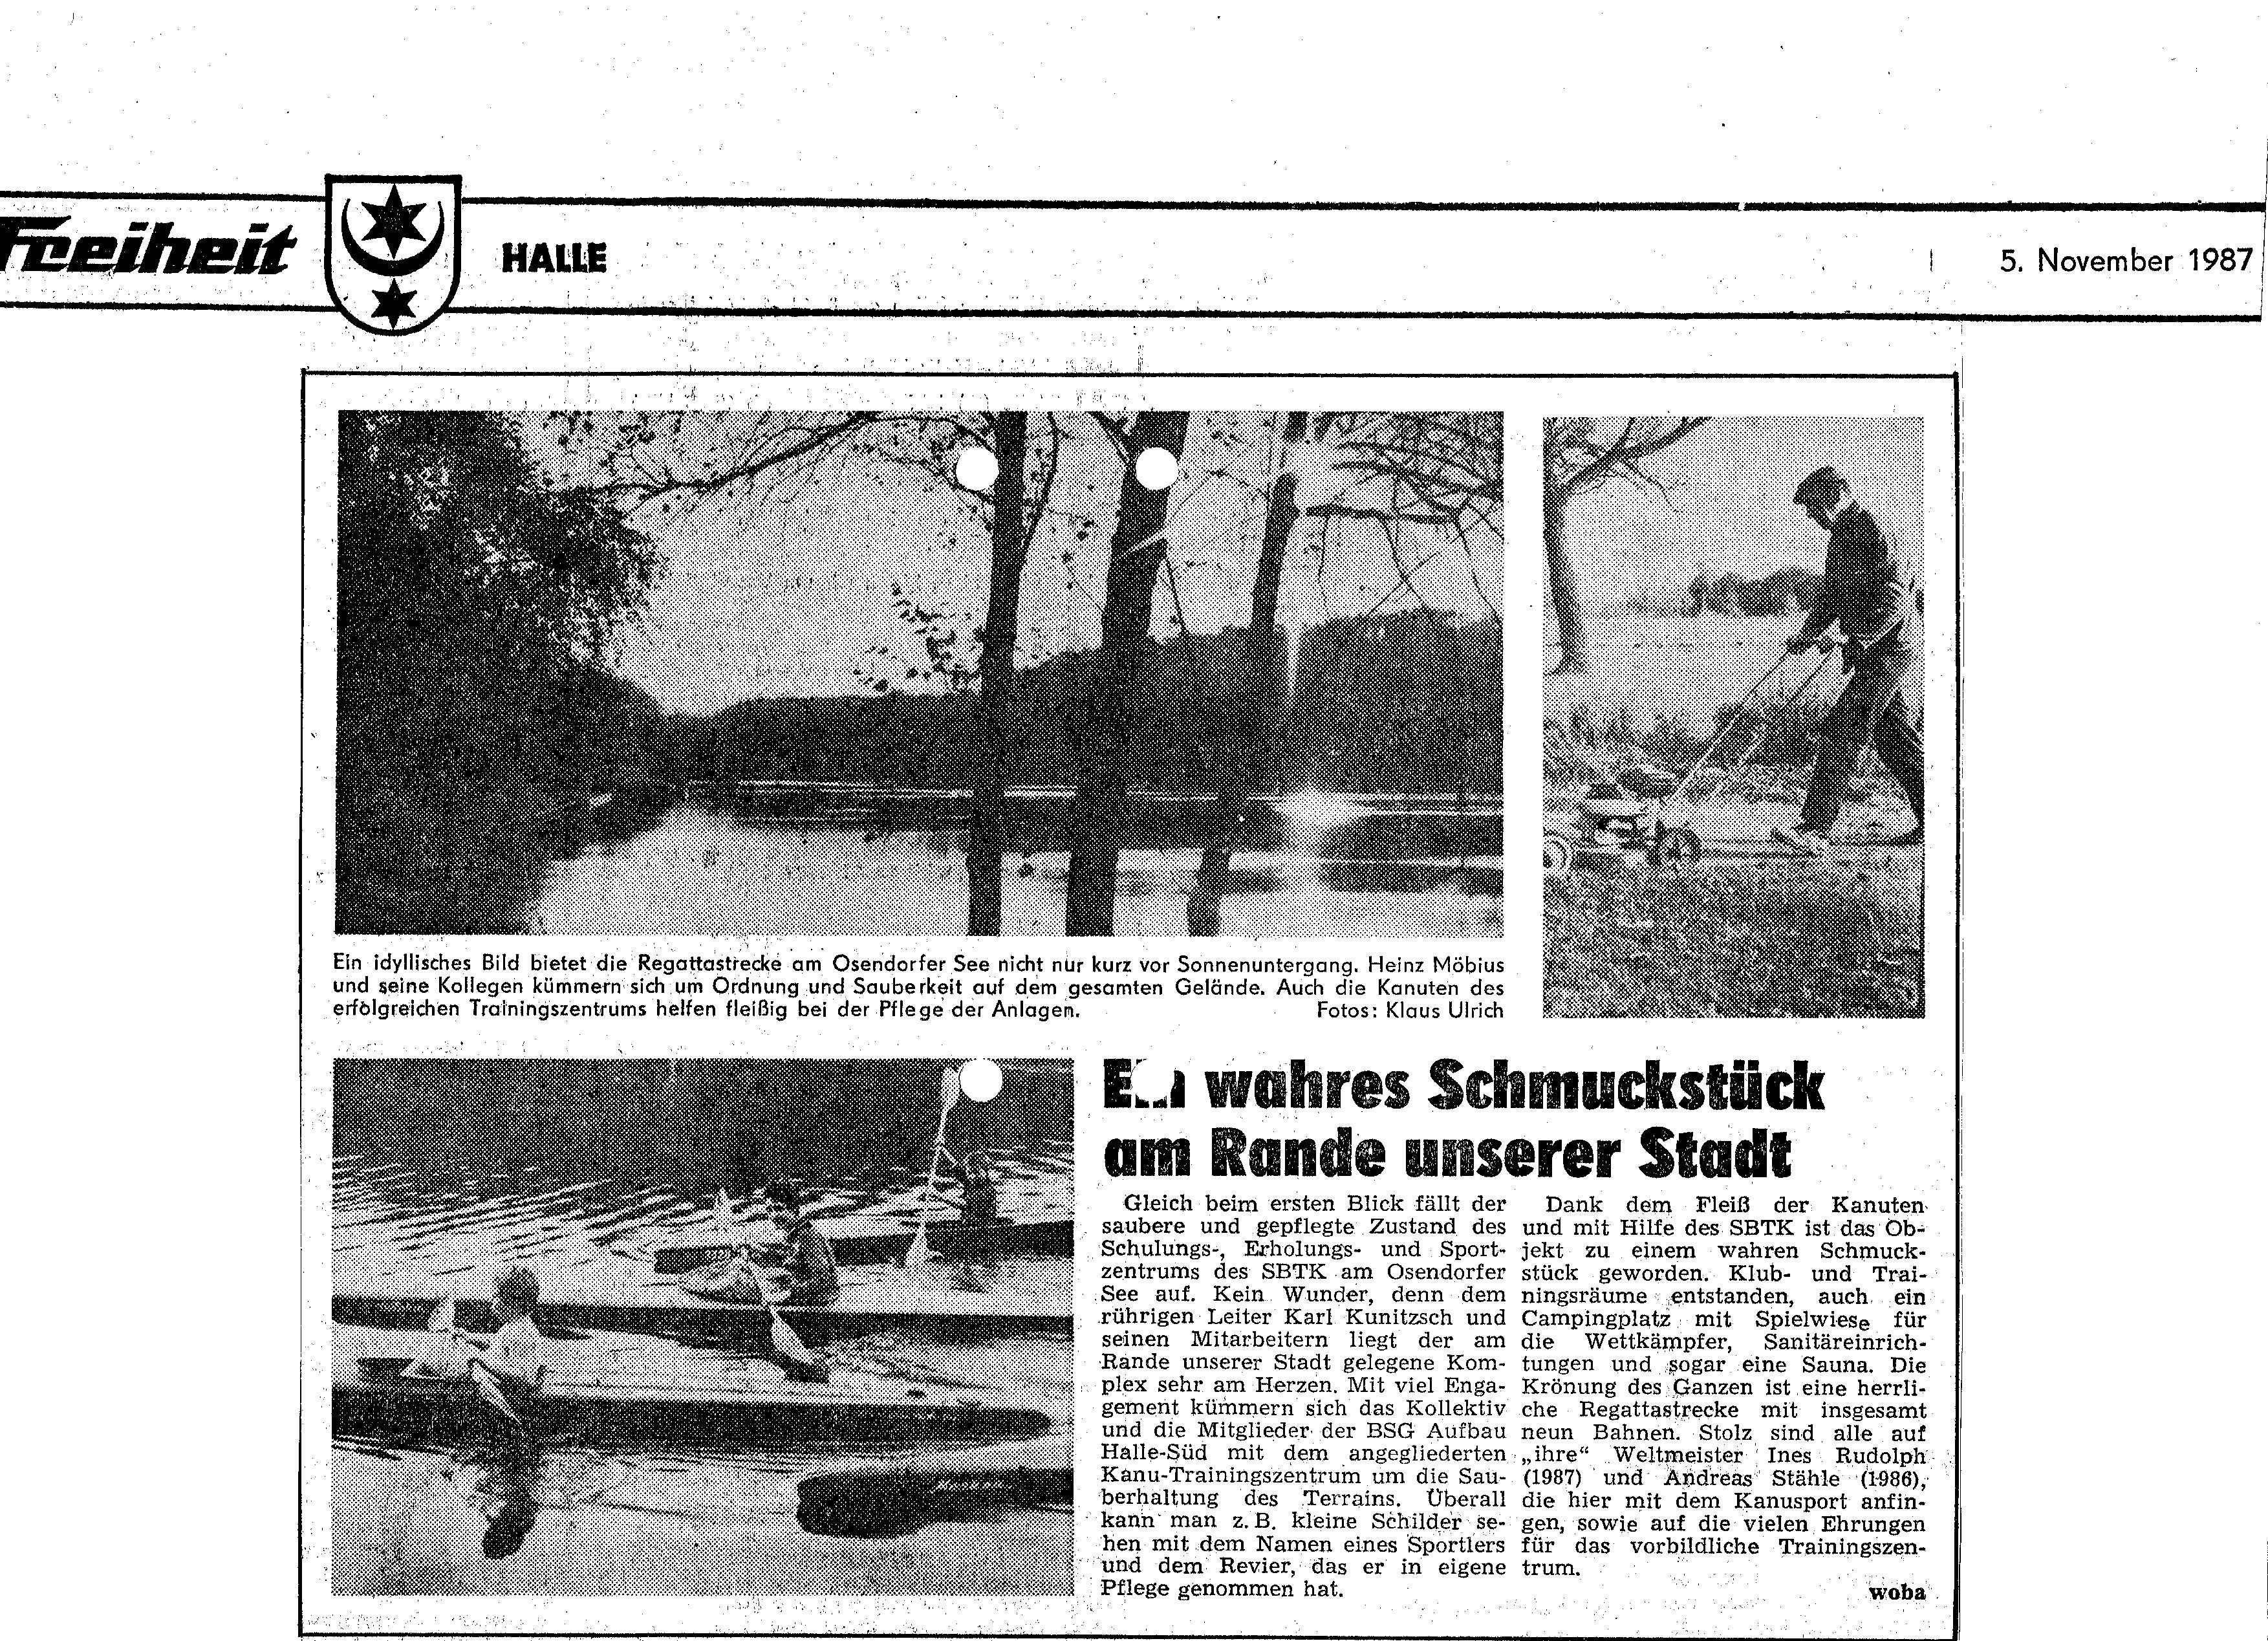 1987-011-5 Freiheit Ein wahres schmuckstück am Rande unsrer Stadt